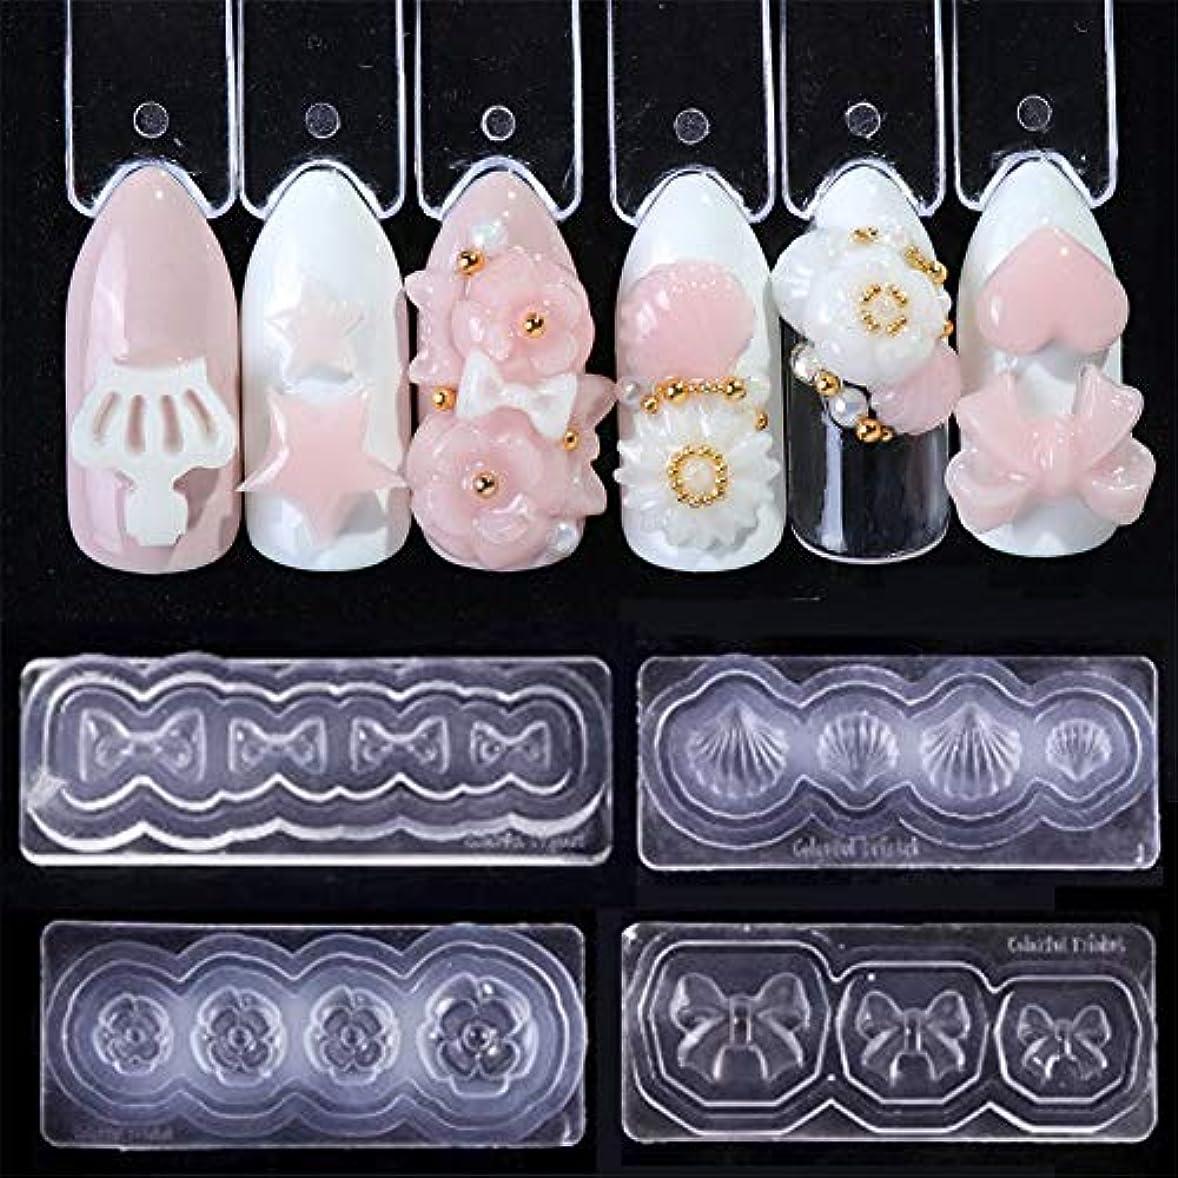 アトラスに苗4個 可愛い シェル 花 アクリル シリコーン モールド 3Dネイルアート ネイルアート ネイルツール ネイル用品